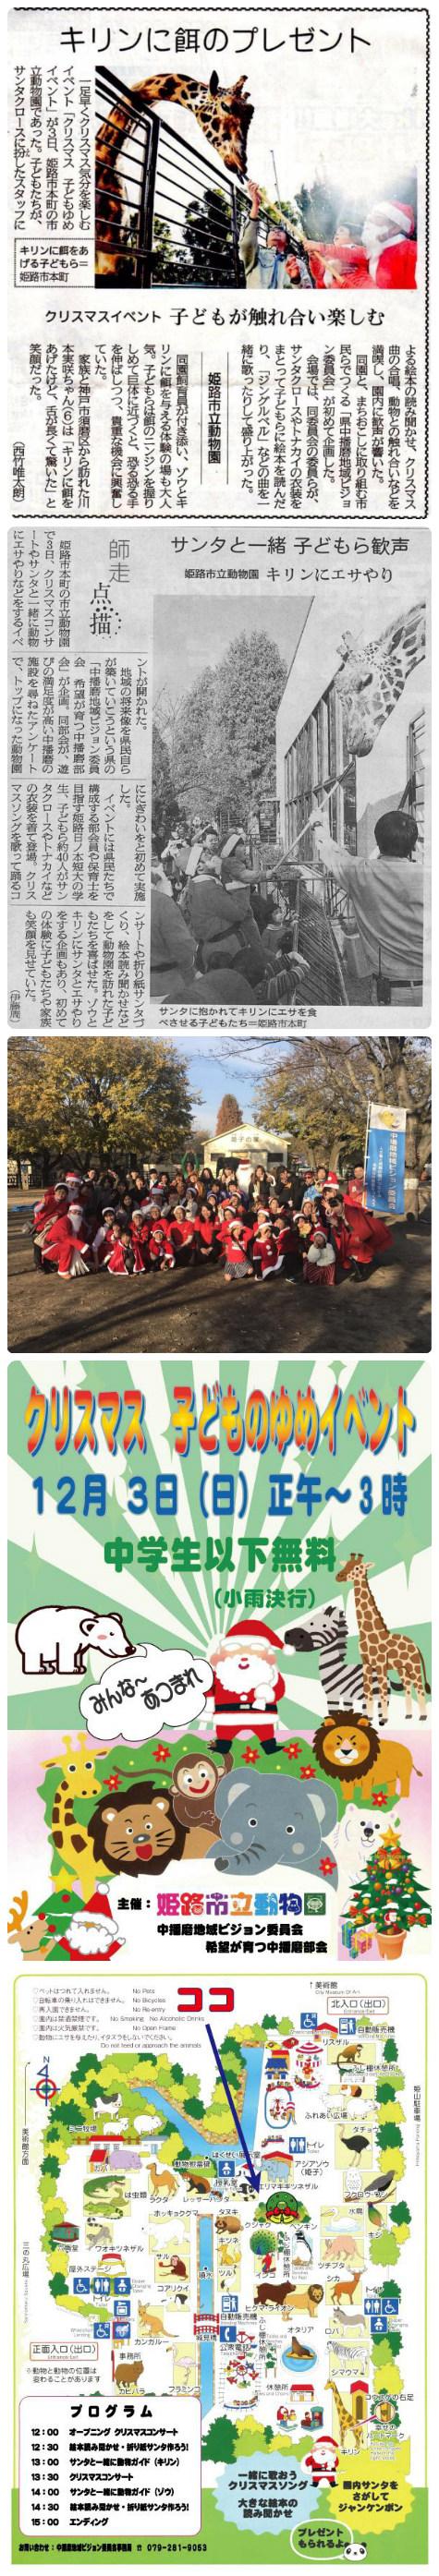 平成29年12月3日こどもの夢3